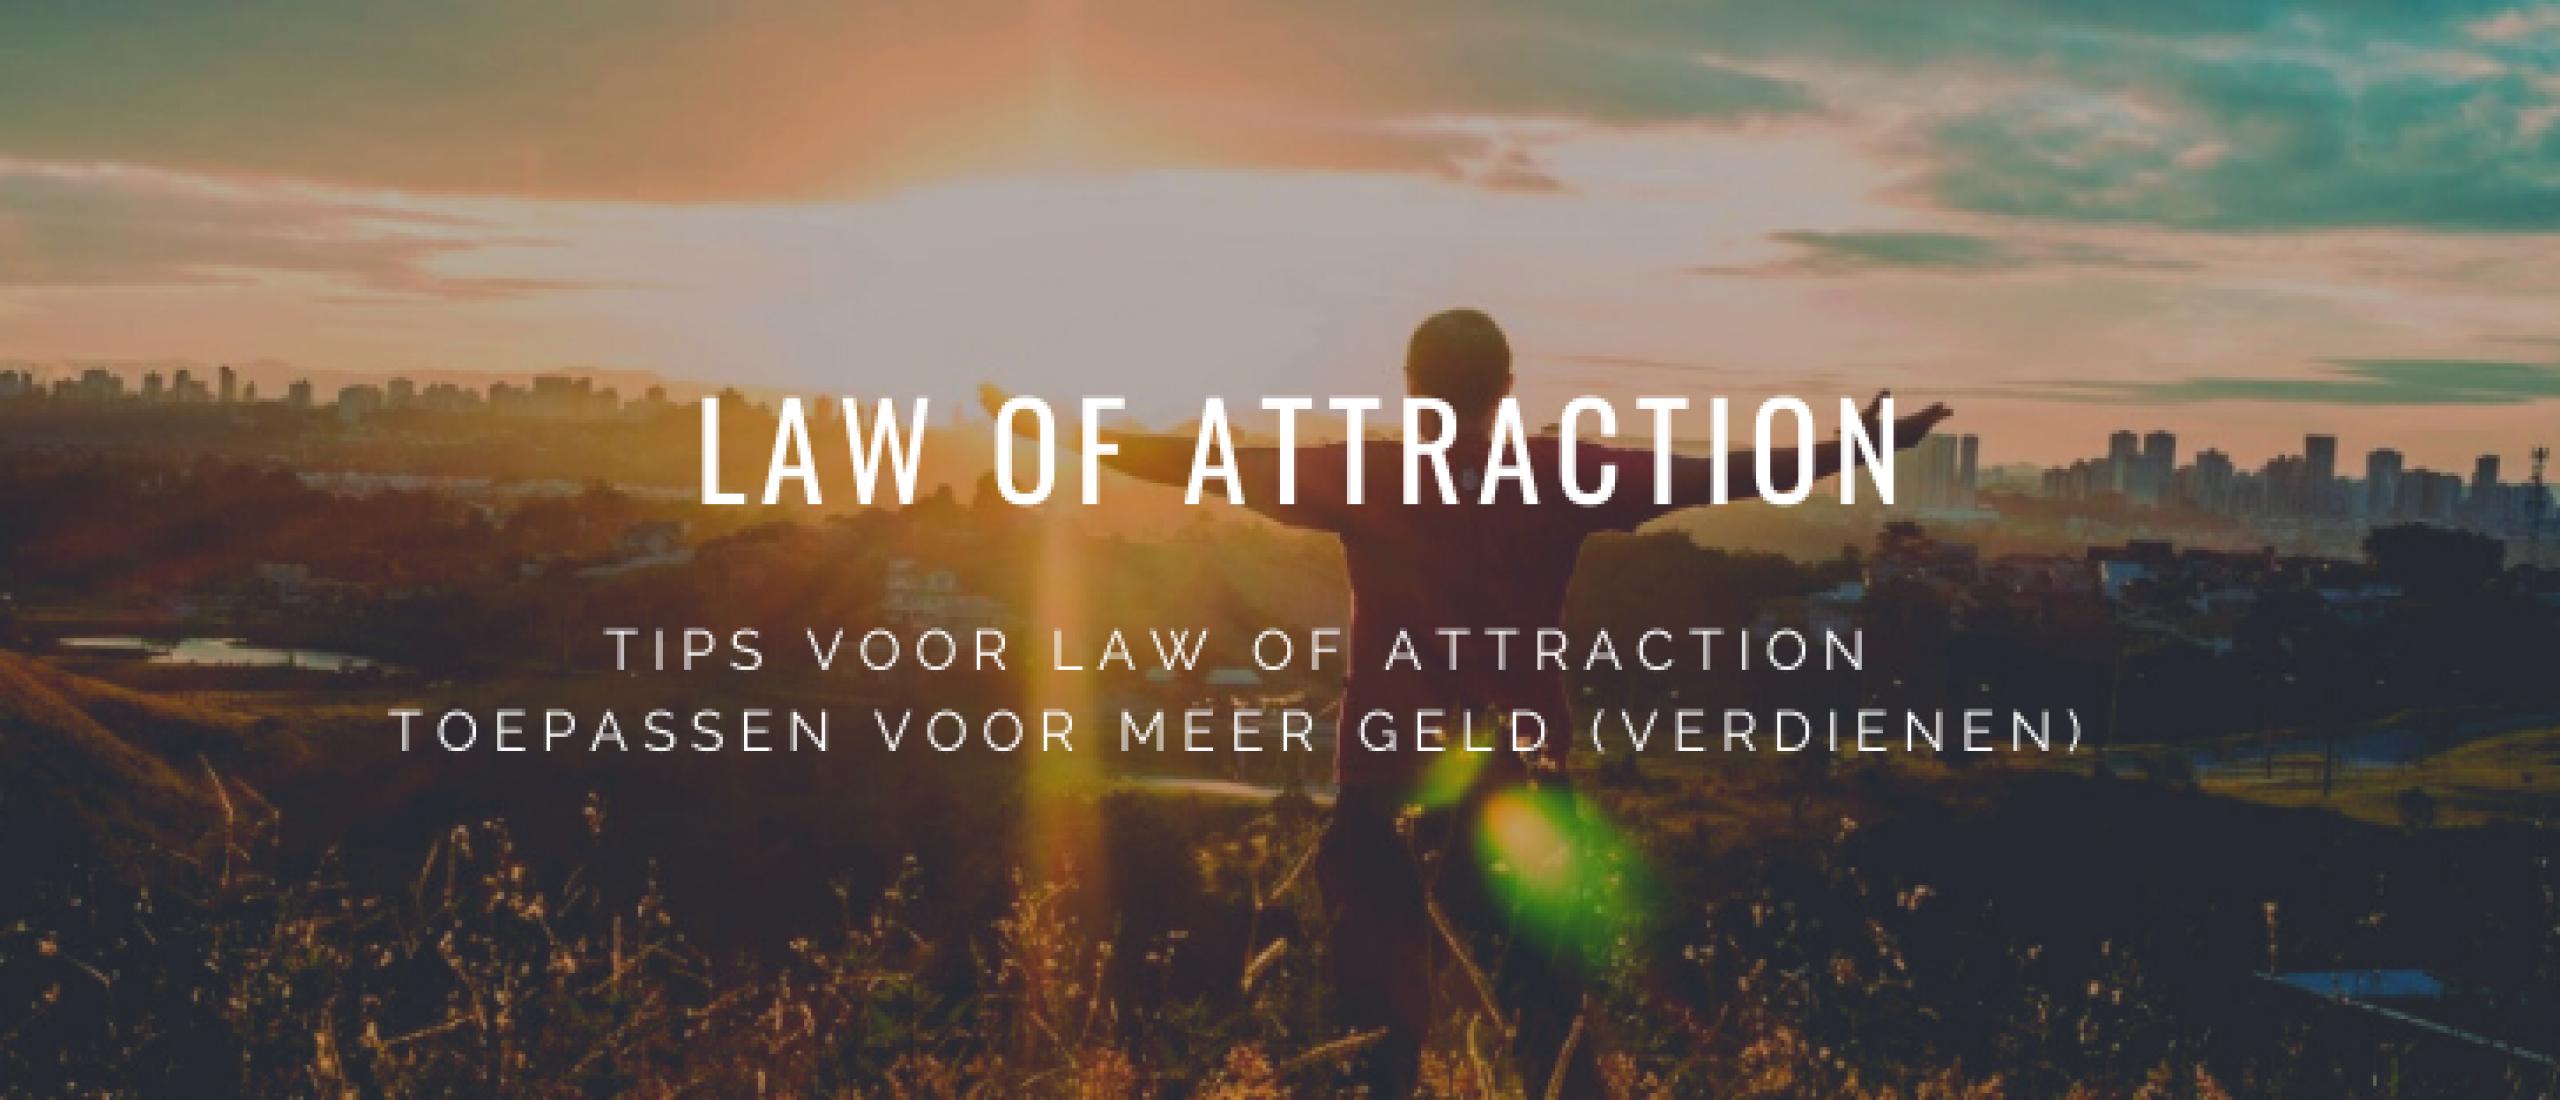 Hoe je de Law of Attraction kan toepassen voor meer geld (aantrekken)